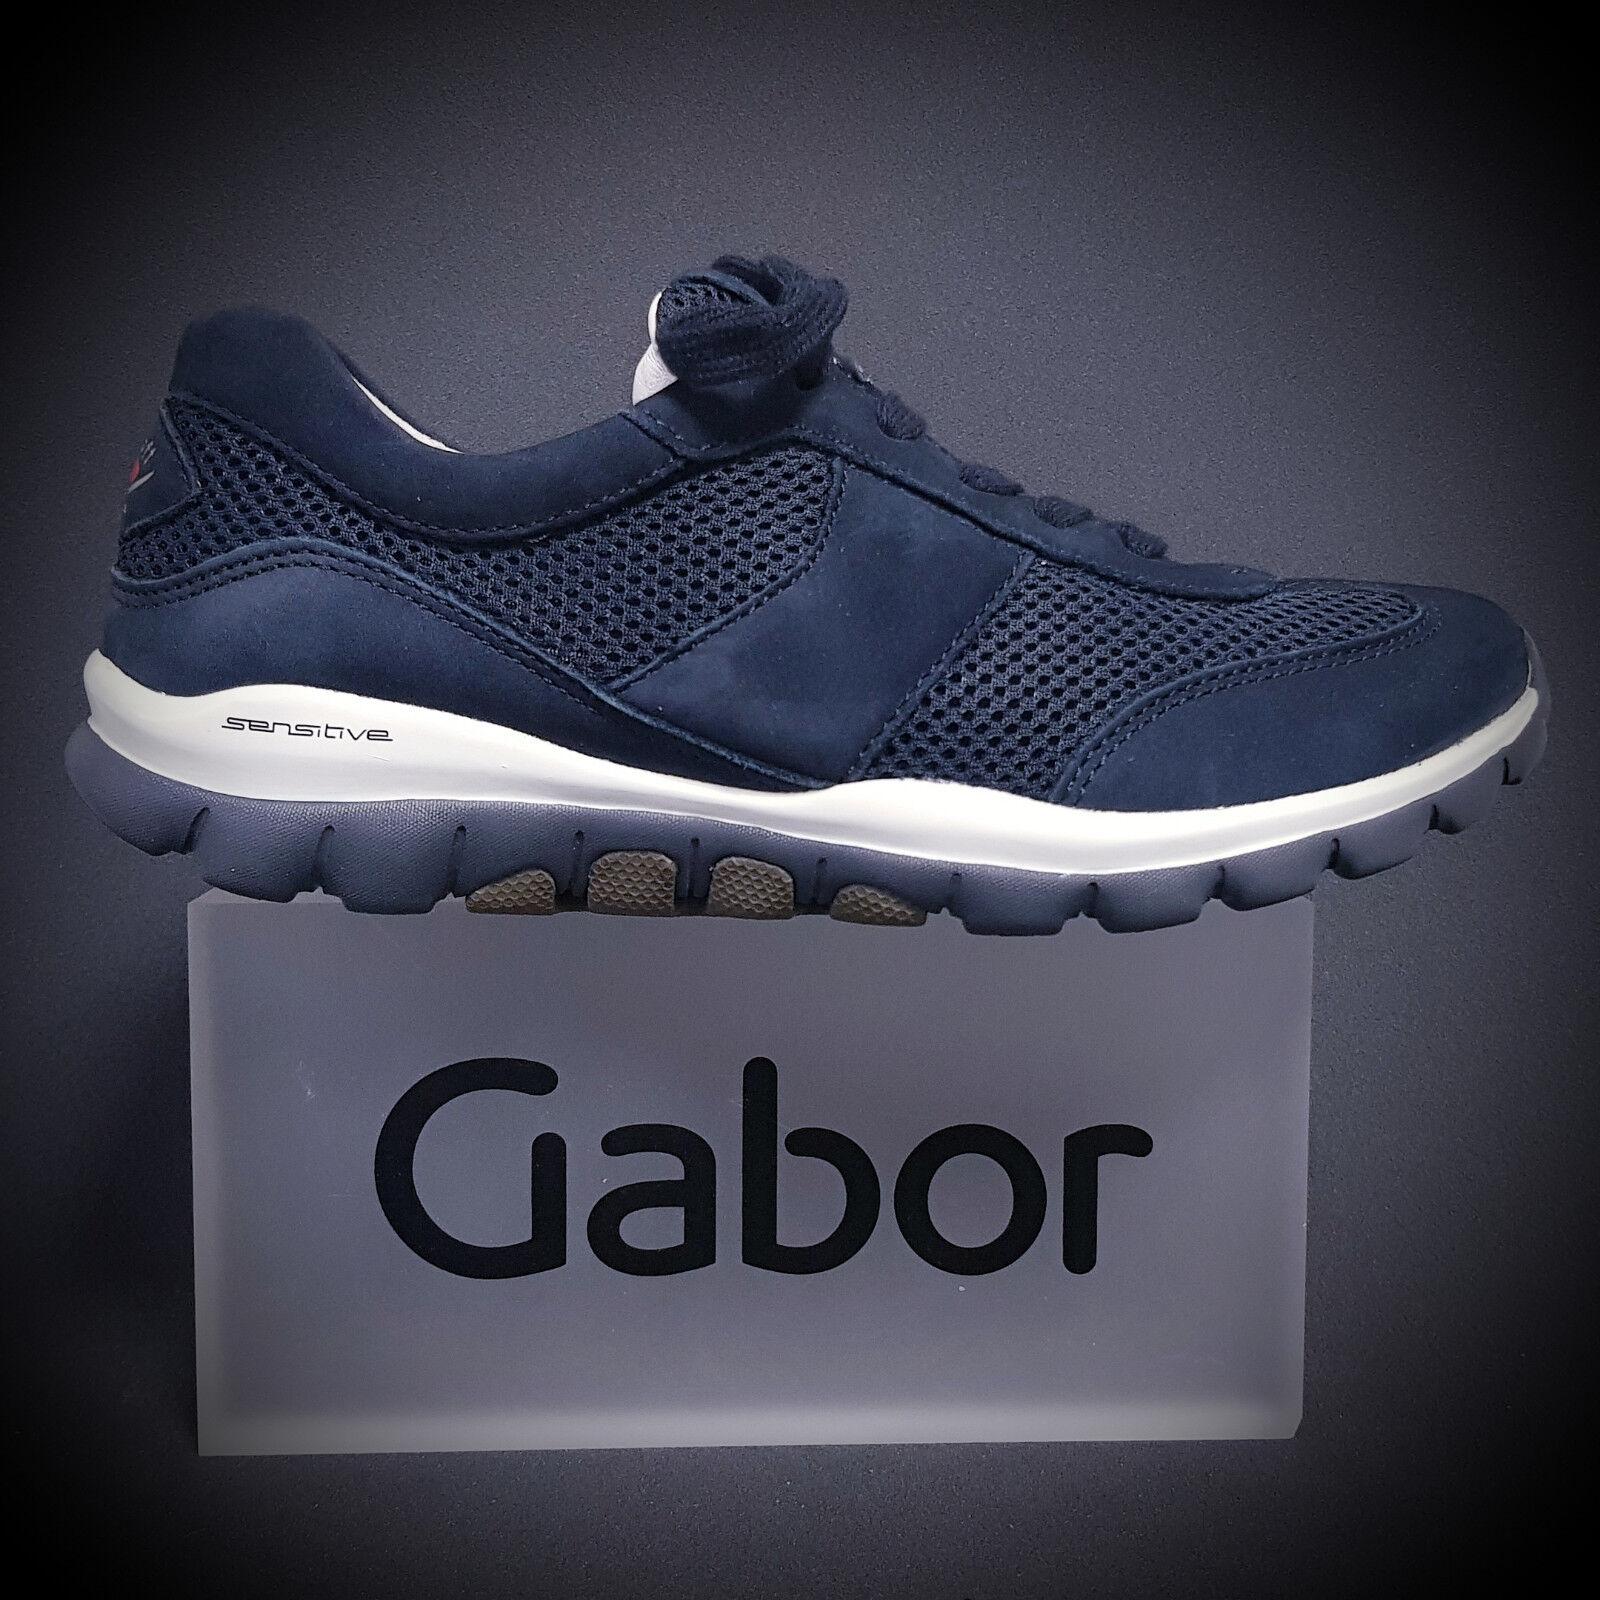 Gabor Gabor Gabor Comfort rollingsoft Femmes baskets Chaussure Lacée 26.966.46 Bleu Nouveau 4d2be3